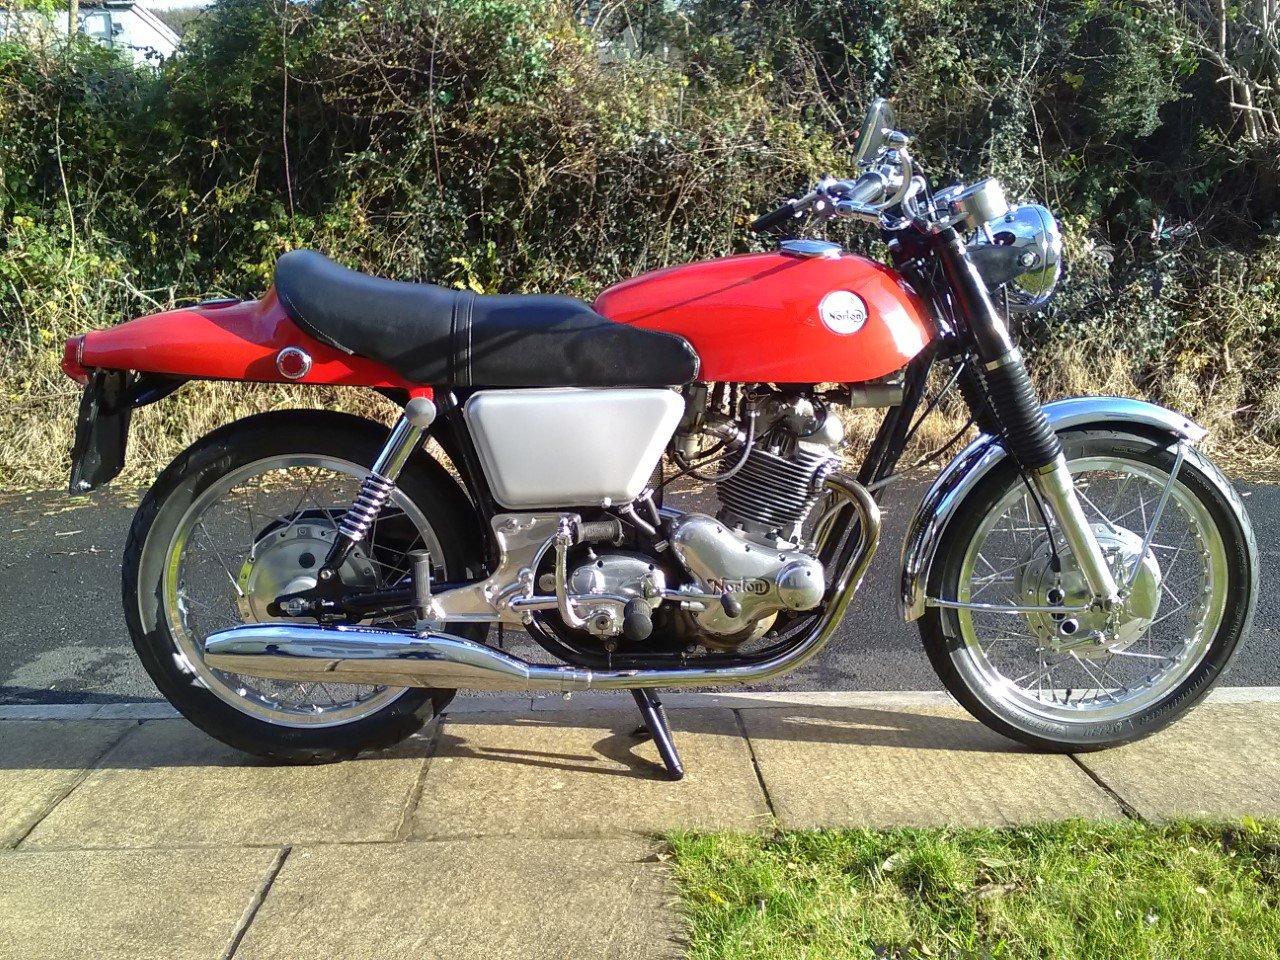 Jan 1969 Norton Commando Fastback For Sale (picture 1 of 5)